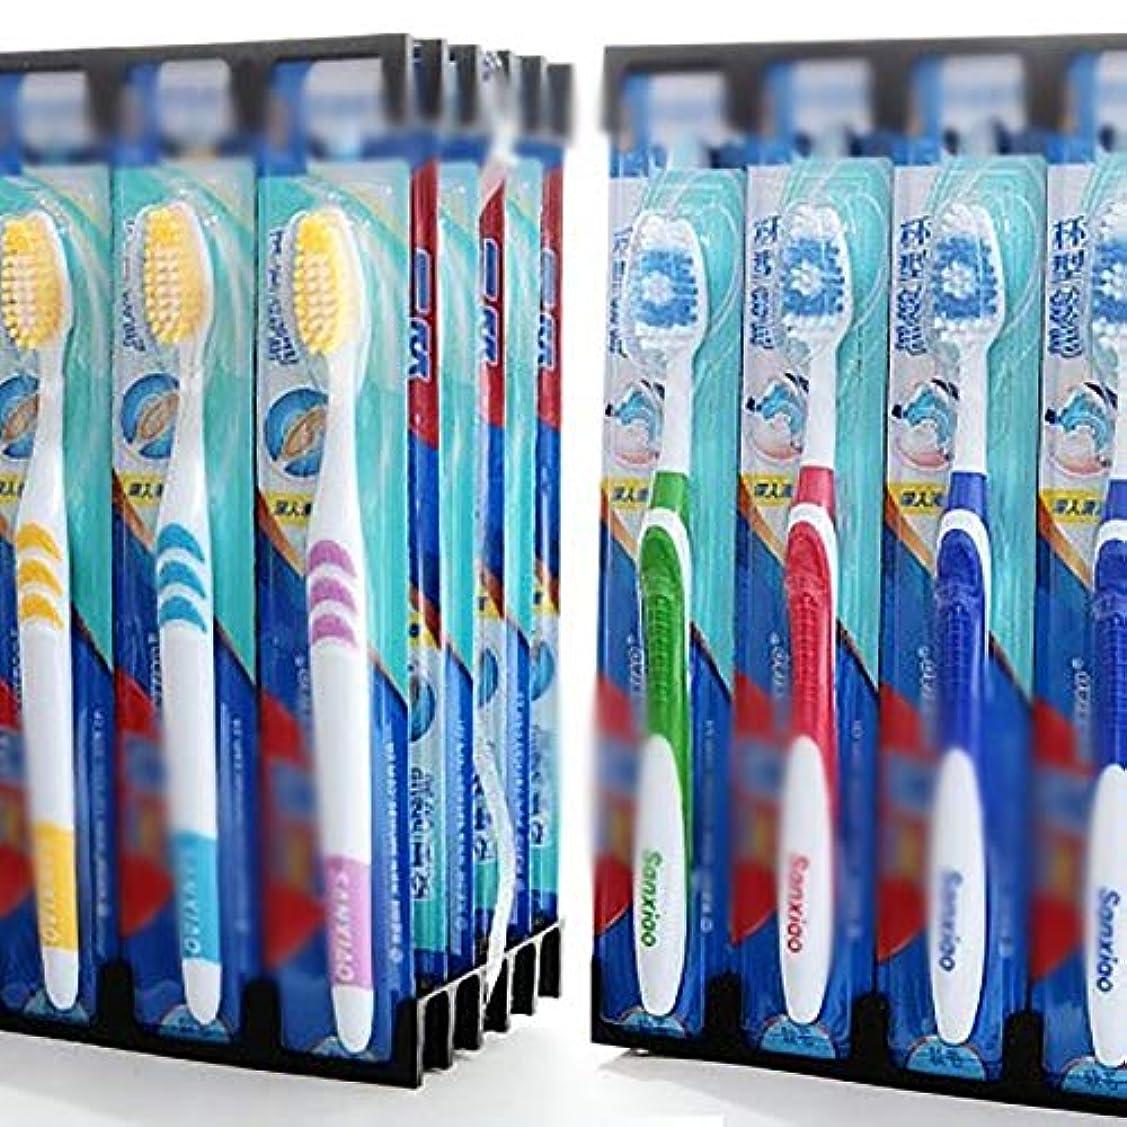 削る列挙する正義歯ブラシ 30パック歯ブラシ、家族バルク成人歯ブラシ、2つのスタイル混合包装歯ブラシ - 任意8つの組み合わせ HL (色 : G, サイズ : 30 packs)